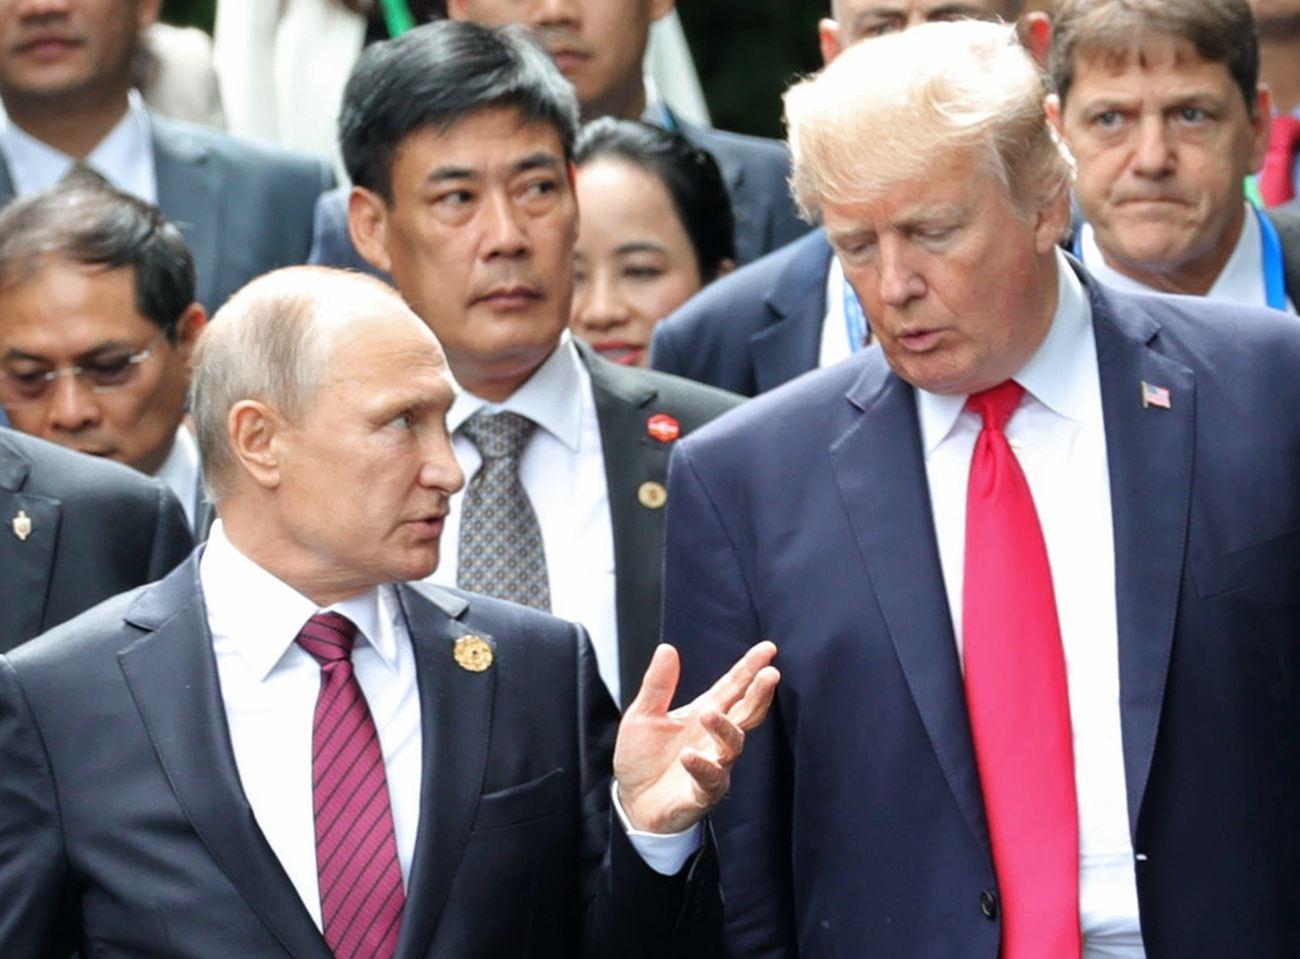 Donald Trump: Rusia şi China sunt `rivalele` SUA, însă Washingtonul trebui să încerce să construiască un `parteneriat semnificativ` cu cele două puteri